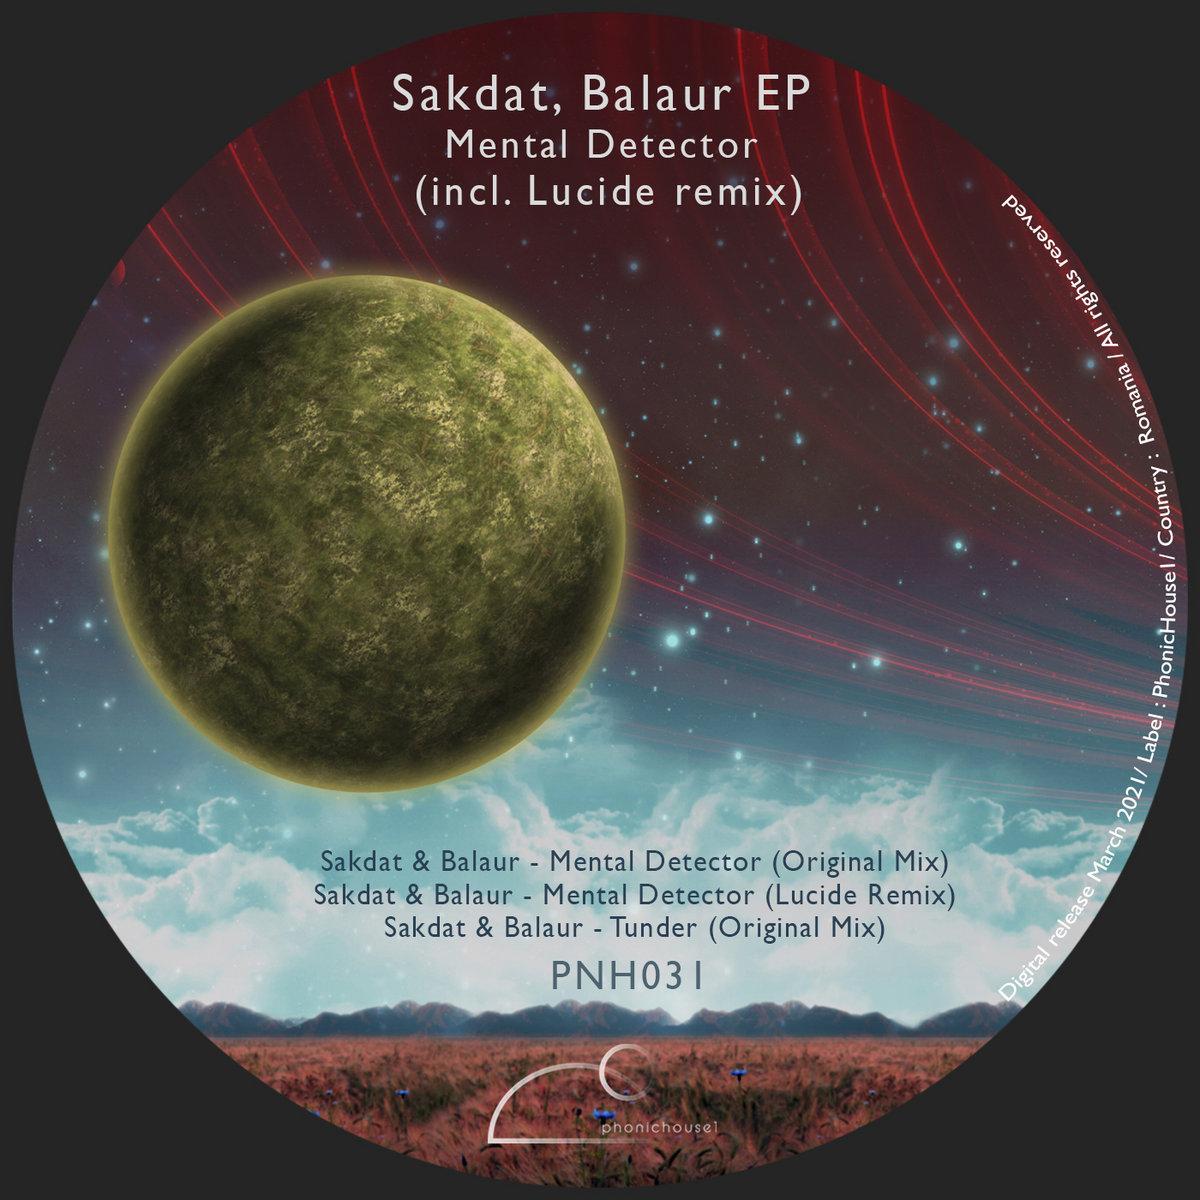 Sakdat & Balaur - Mental Detector (Lucide Remix)